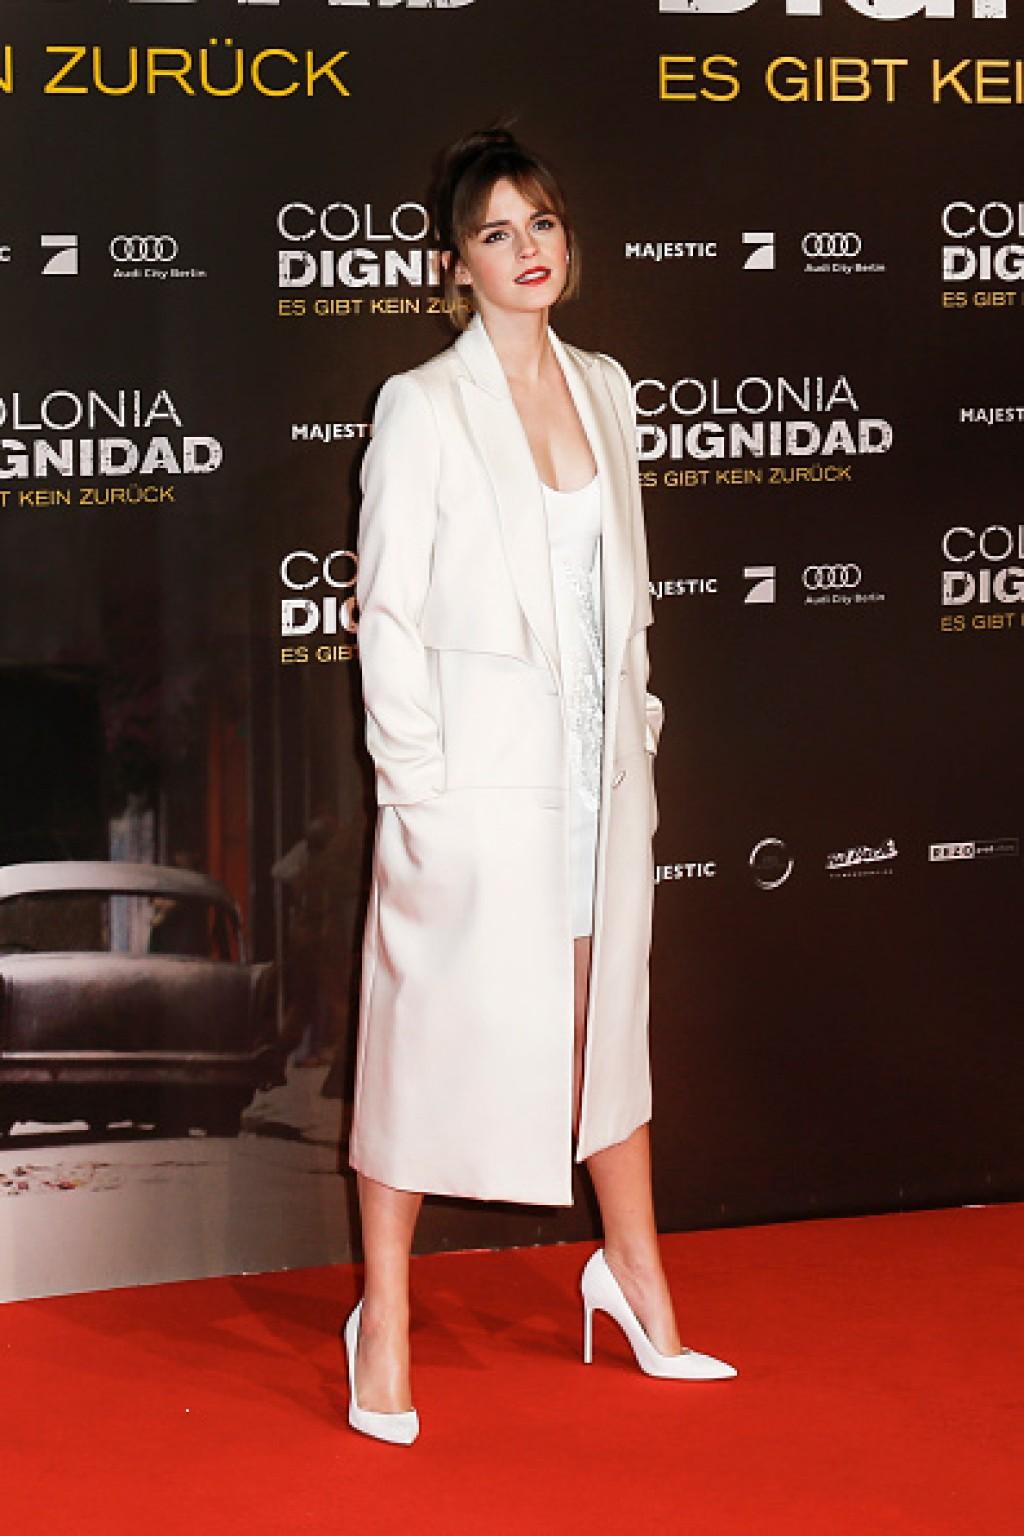 Colonia-Dignidad-Es-gibt-kein-zurueck-Berlin-Premiere-Emma-Watson-1024x1536